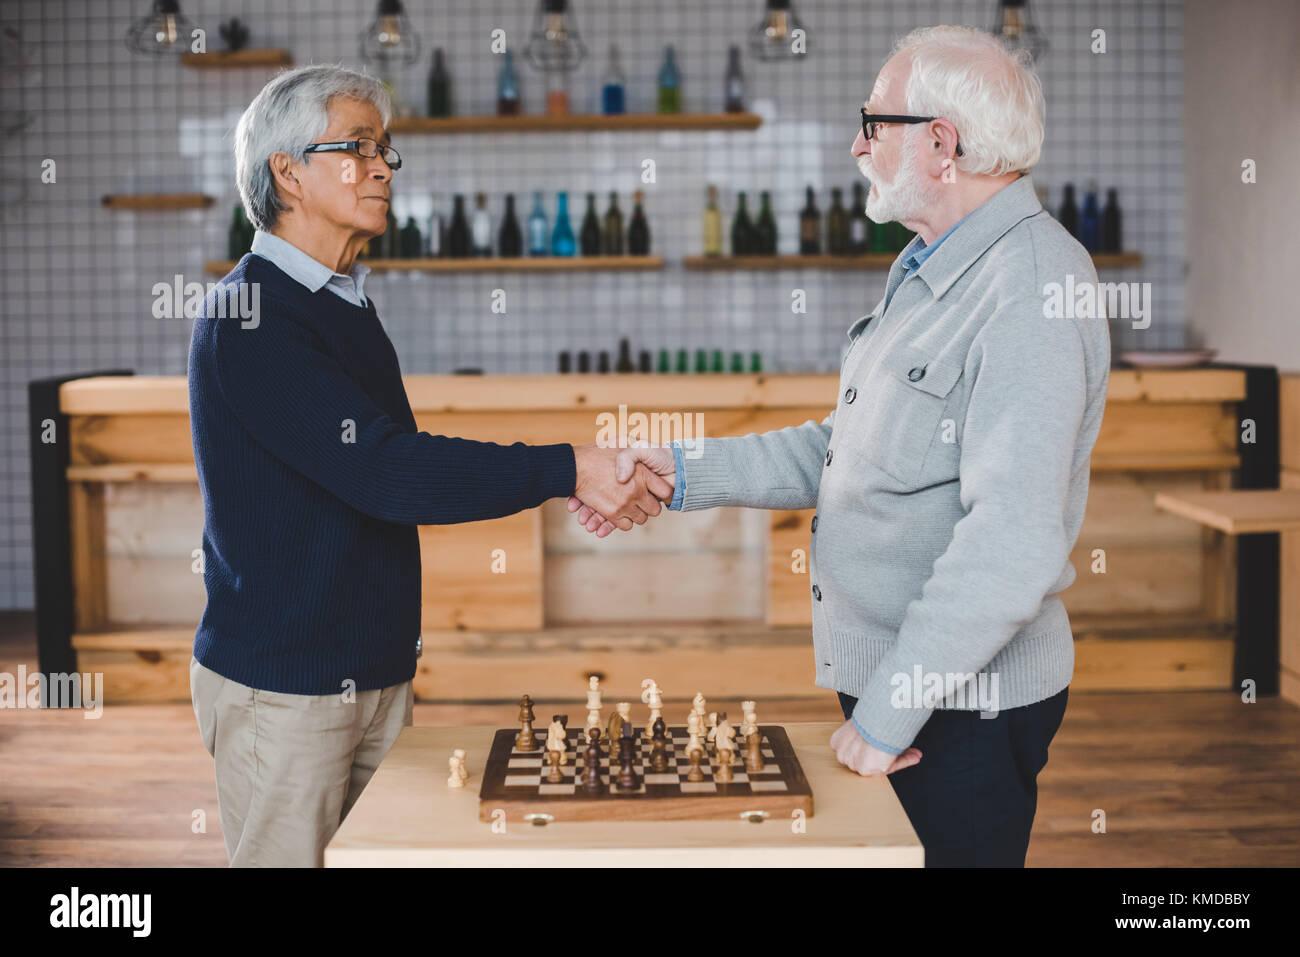 Les hommes jouant aux échecs Banque D'Images